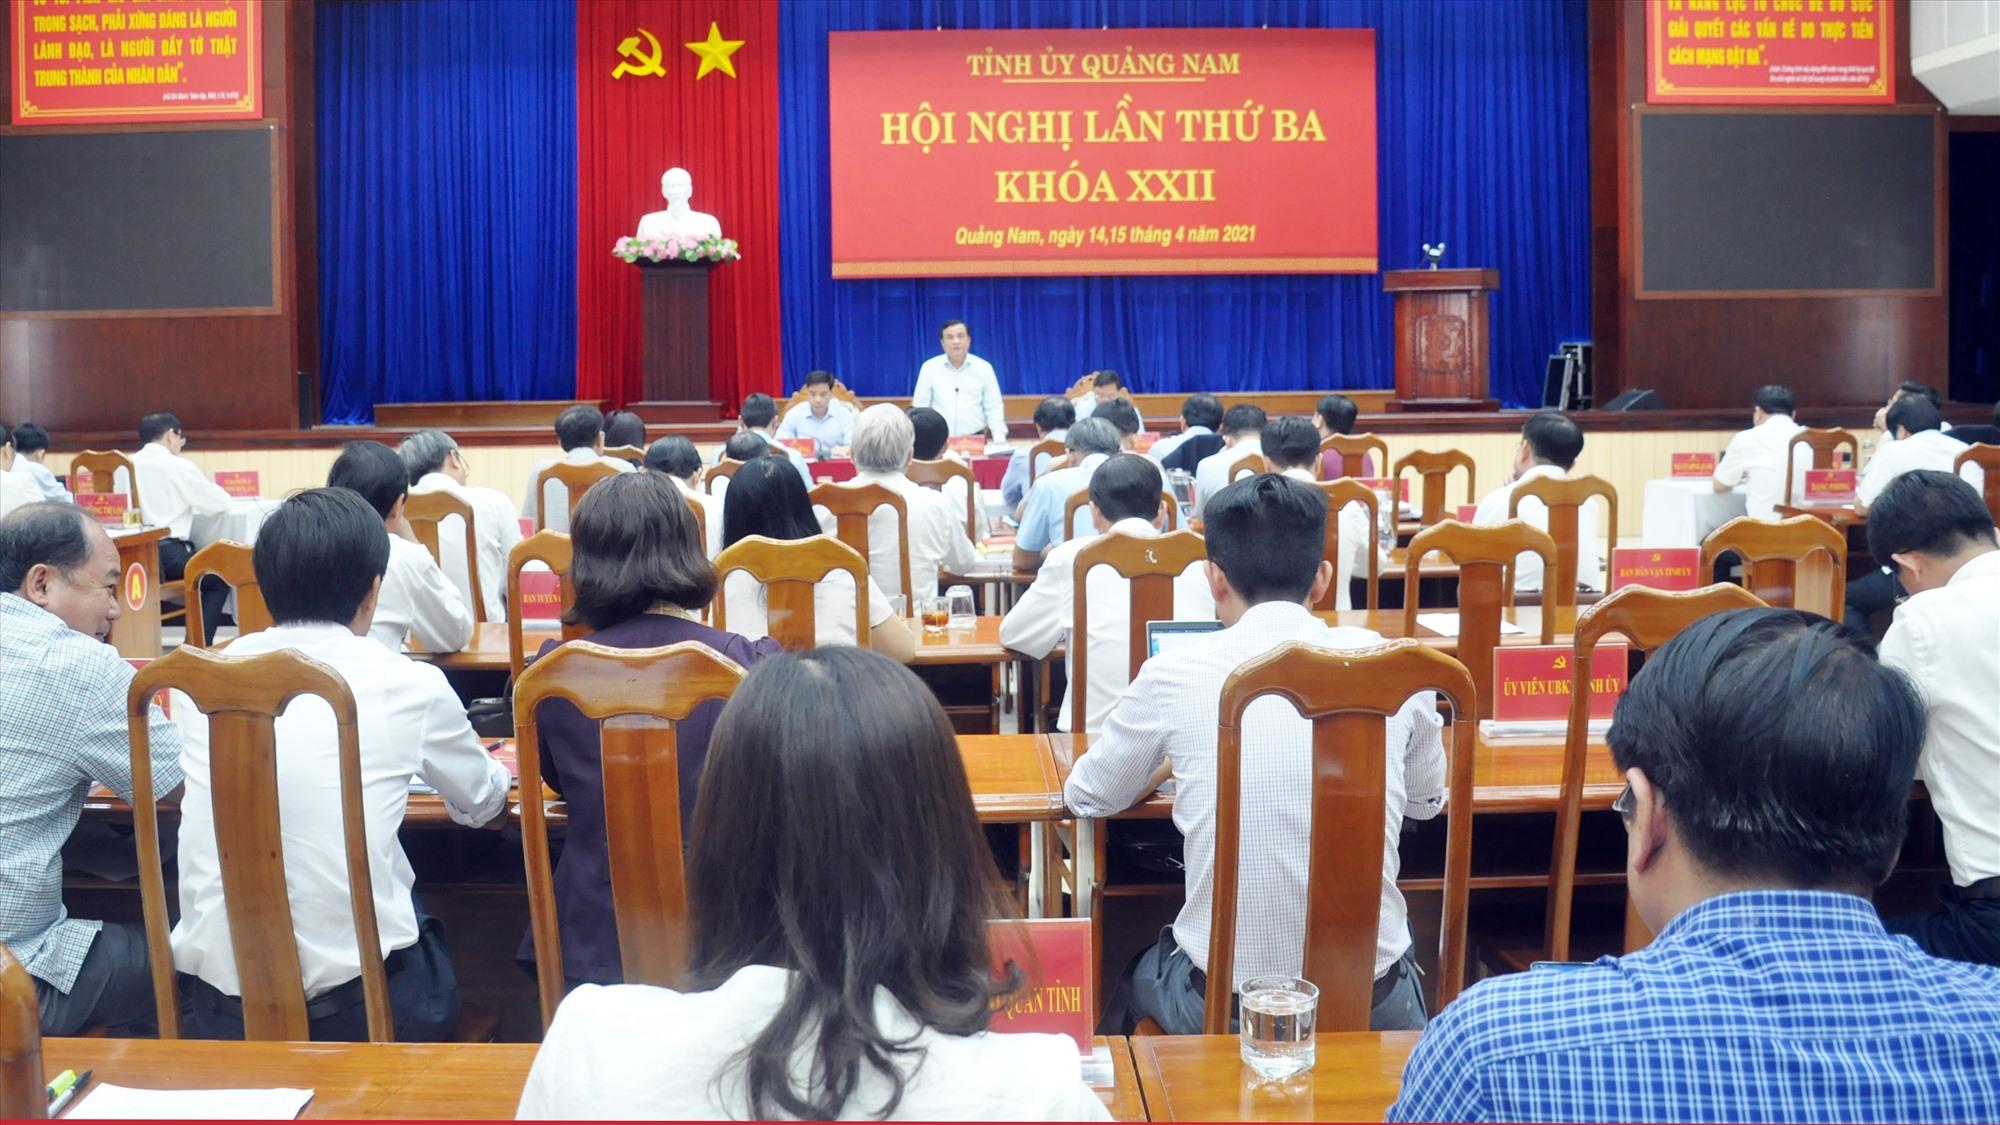 Ủy viên Trung ương Đảng, Bí thư Tỉnh ủy Phan Việt Cường phát biểu điều hành hội nghị. Ảnh: N.Đ